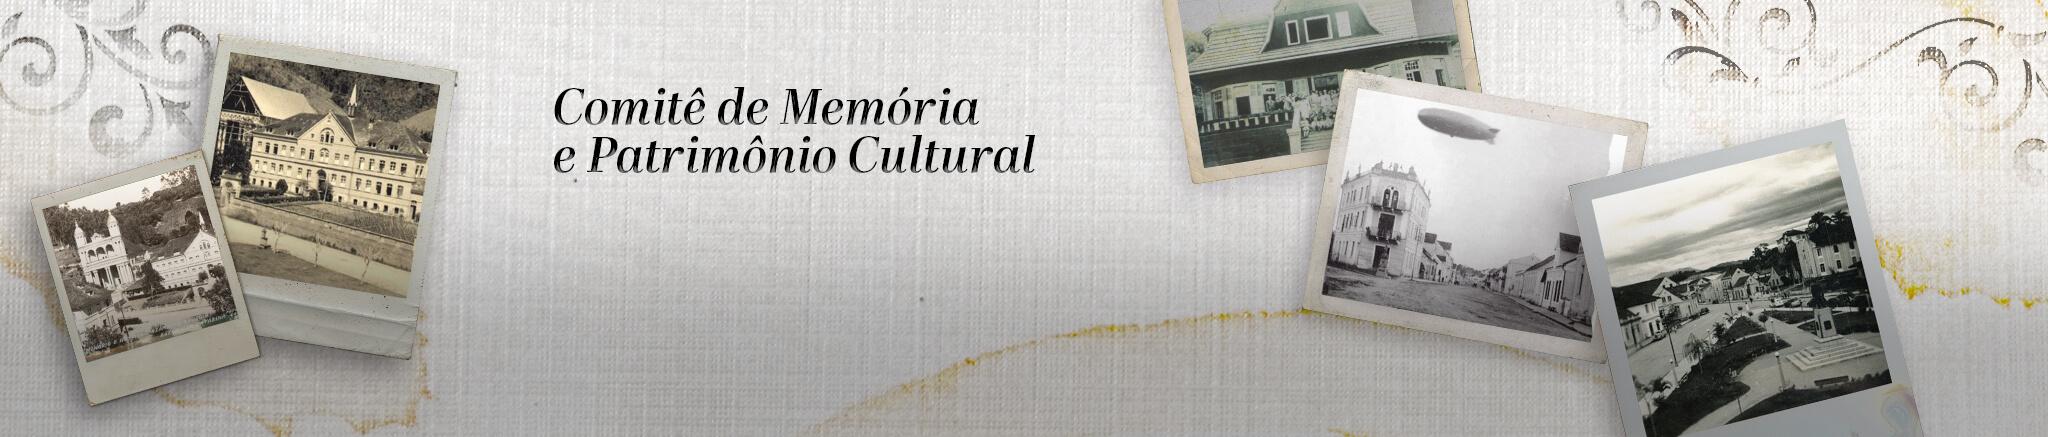 comitê de memória e patrimônio cultural unifebe